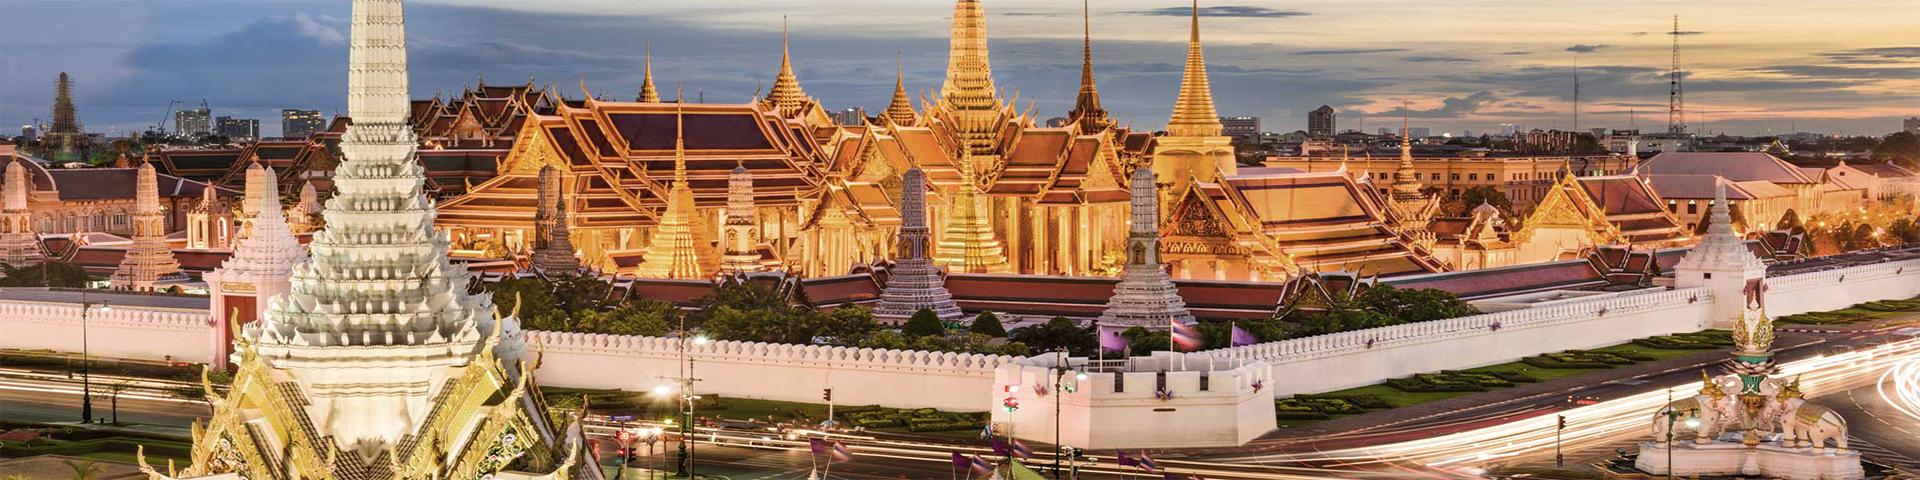 تورهای بانکوک همیشه سفر